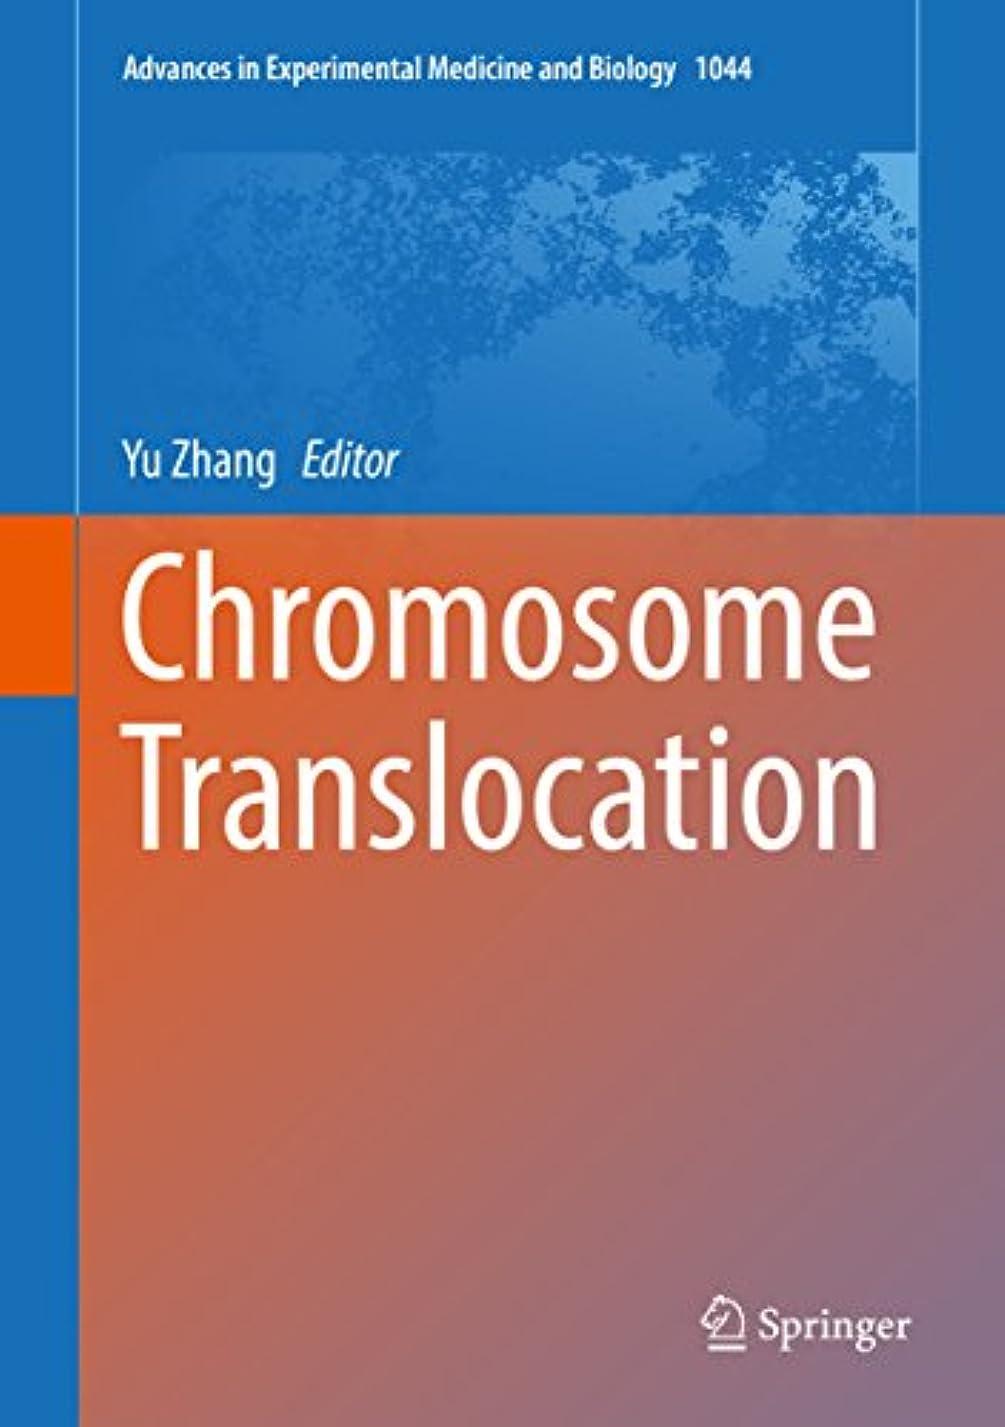 一般化する愛されし者人間Chromosome Translocation (Advances in Experimental Medicine and Biology Book 1044) (English Edition)